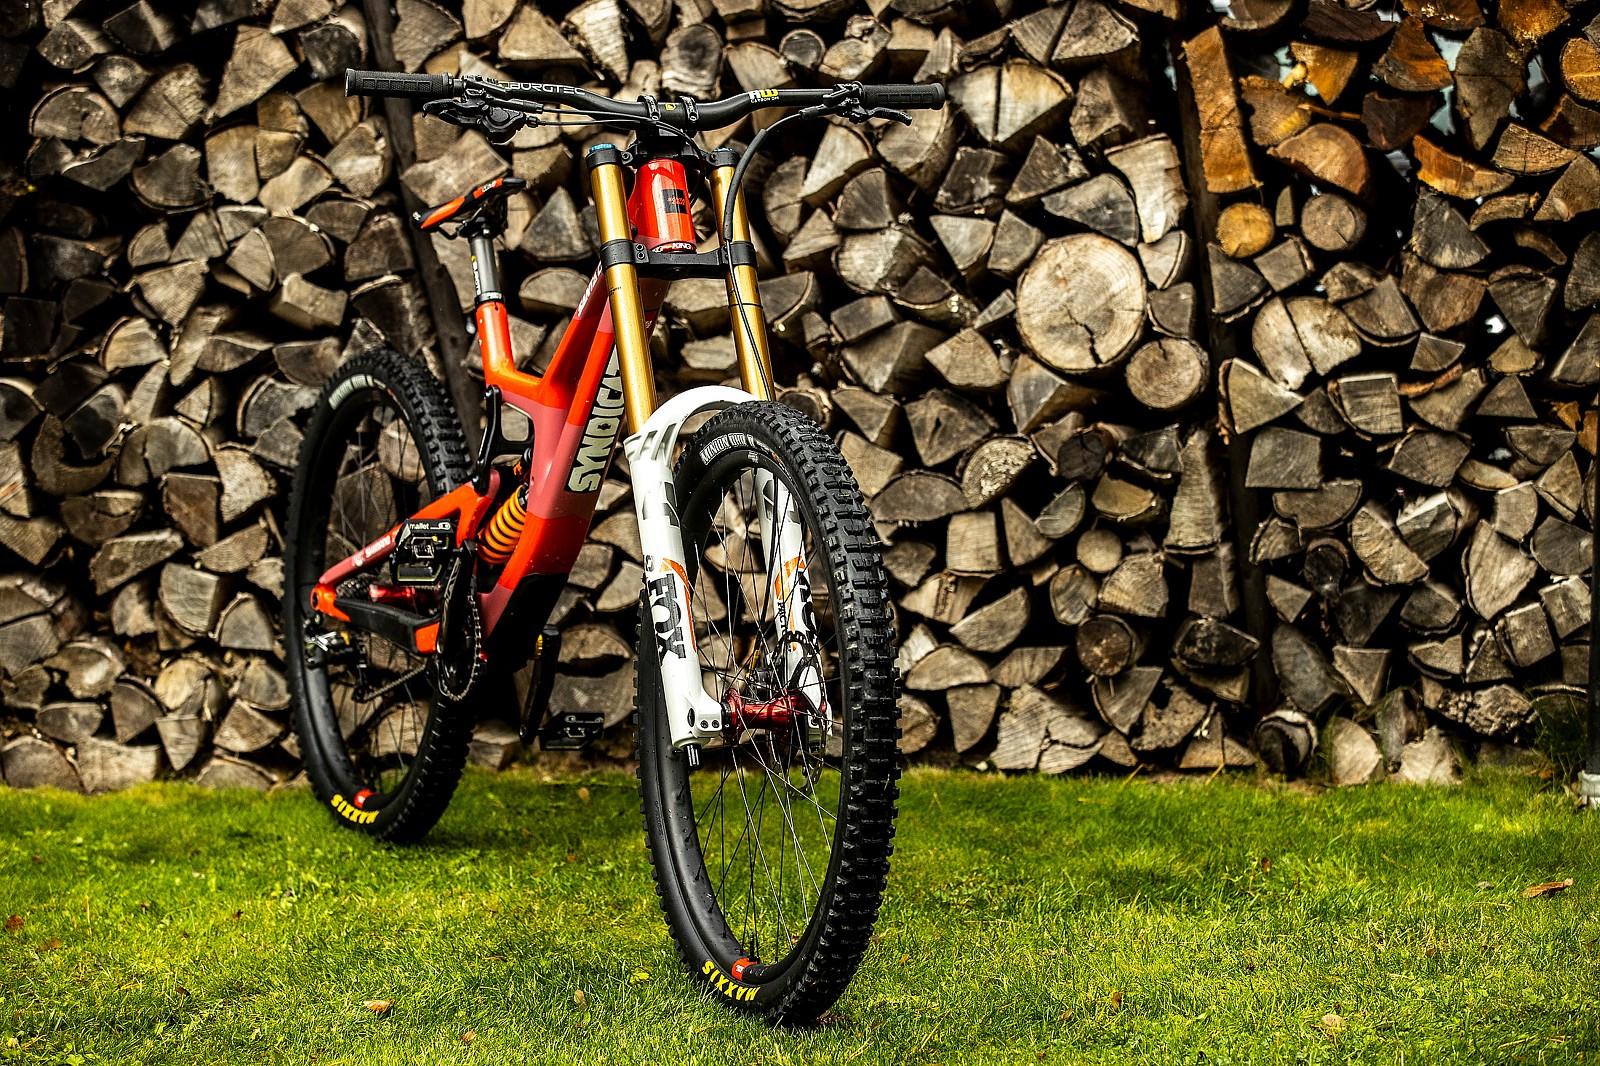 WORLD CHAMPS BIKE - Luca Shaw's Santa Cruz V10 MX - WORLD CHAMPS BIKE - Loris Vergier's and Luca Shaw's Santa Cruz V10 - Mountain Biking Pictures - Vital MTB